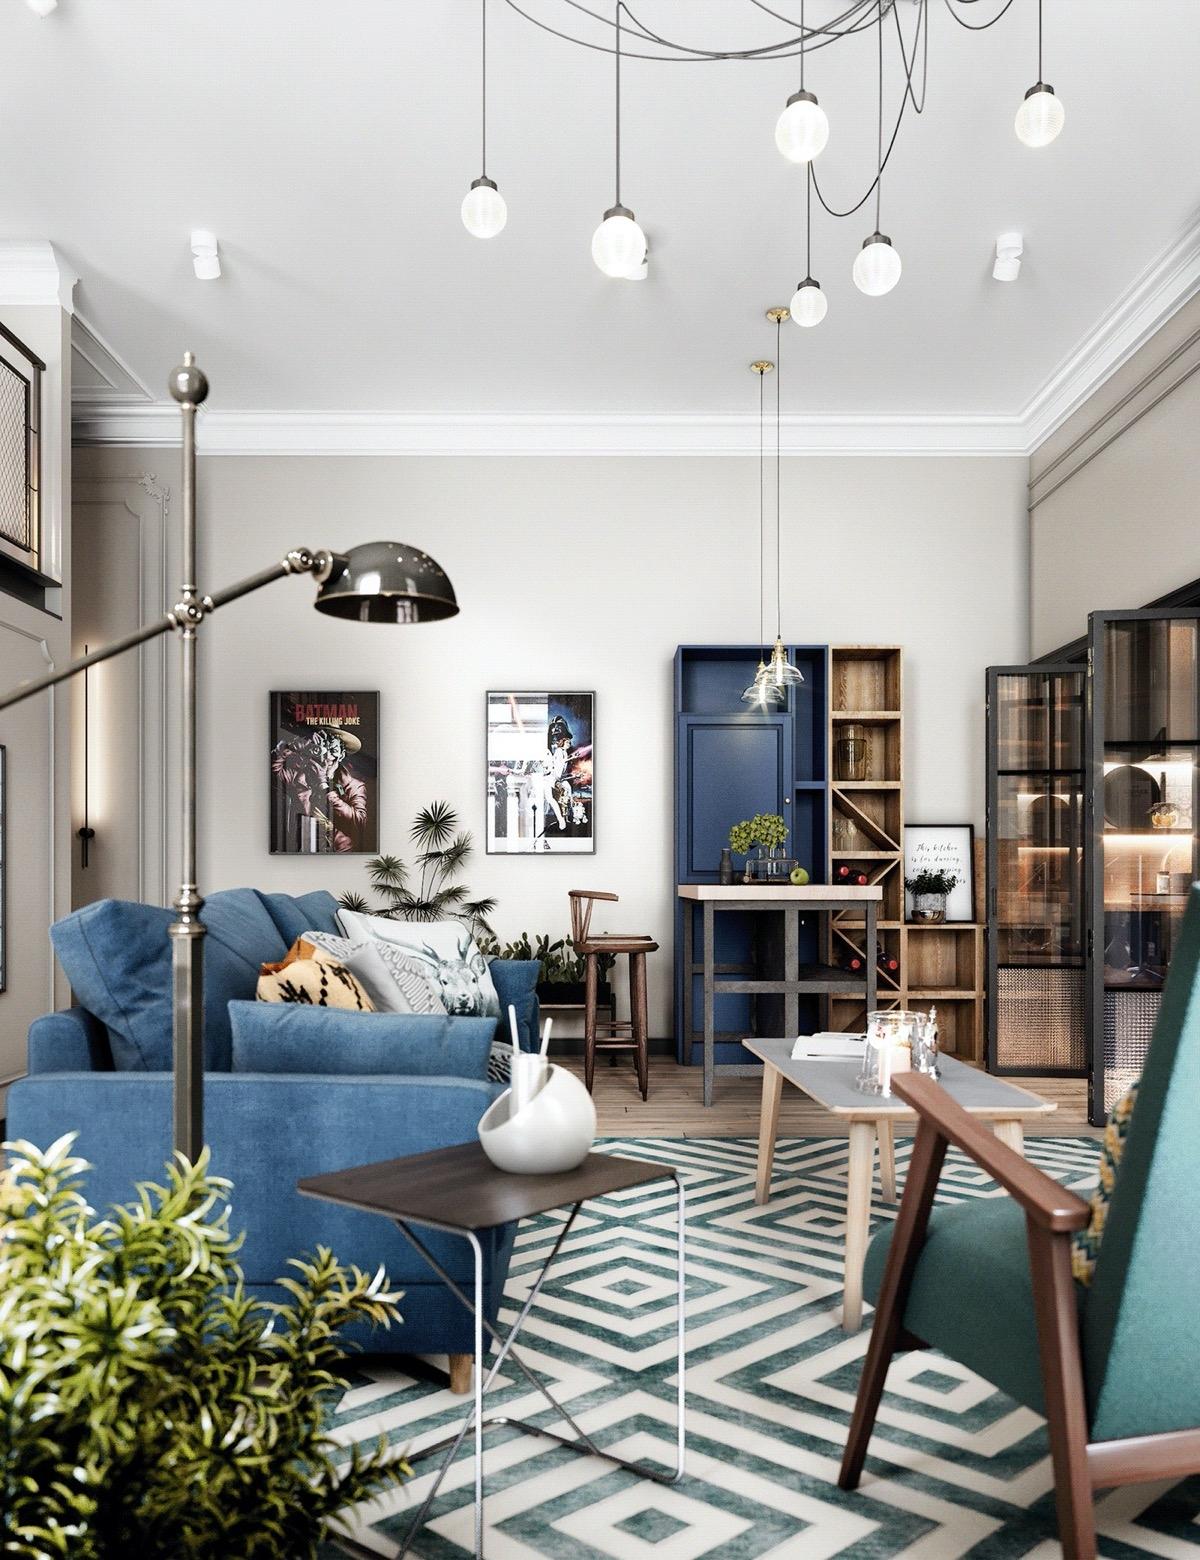 Đèn bàn phong cách công nghiệp, đặt xen giữa một chiếc ghế sofa hiện đại màu xanh dương